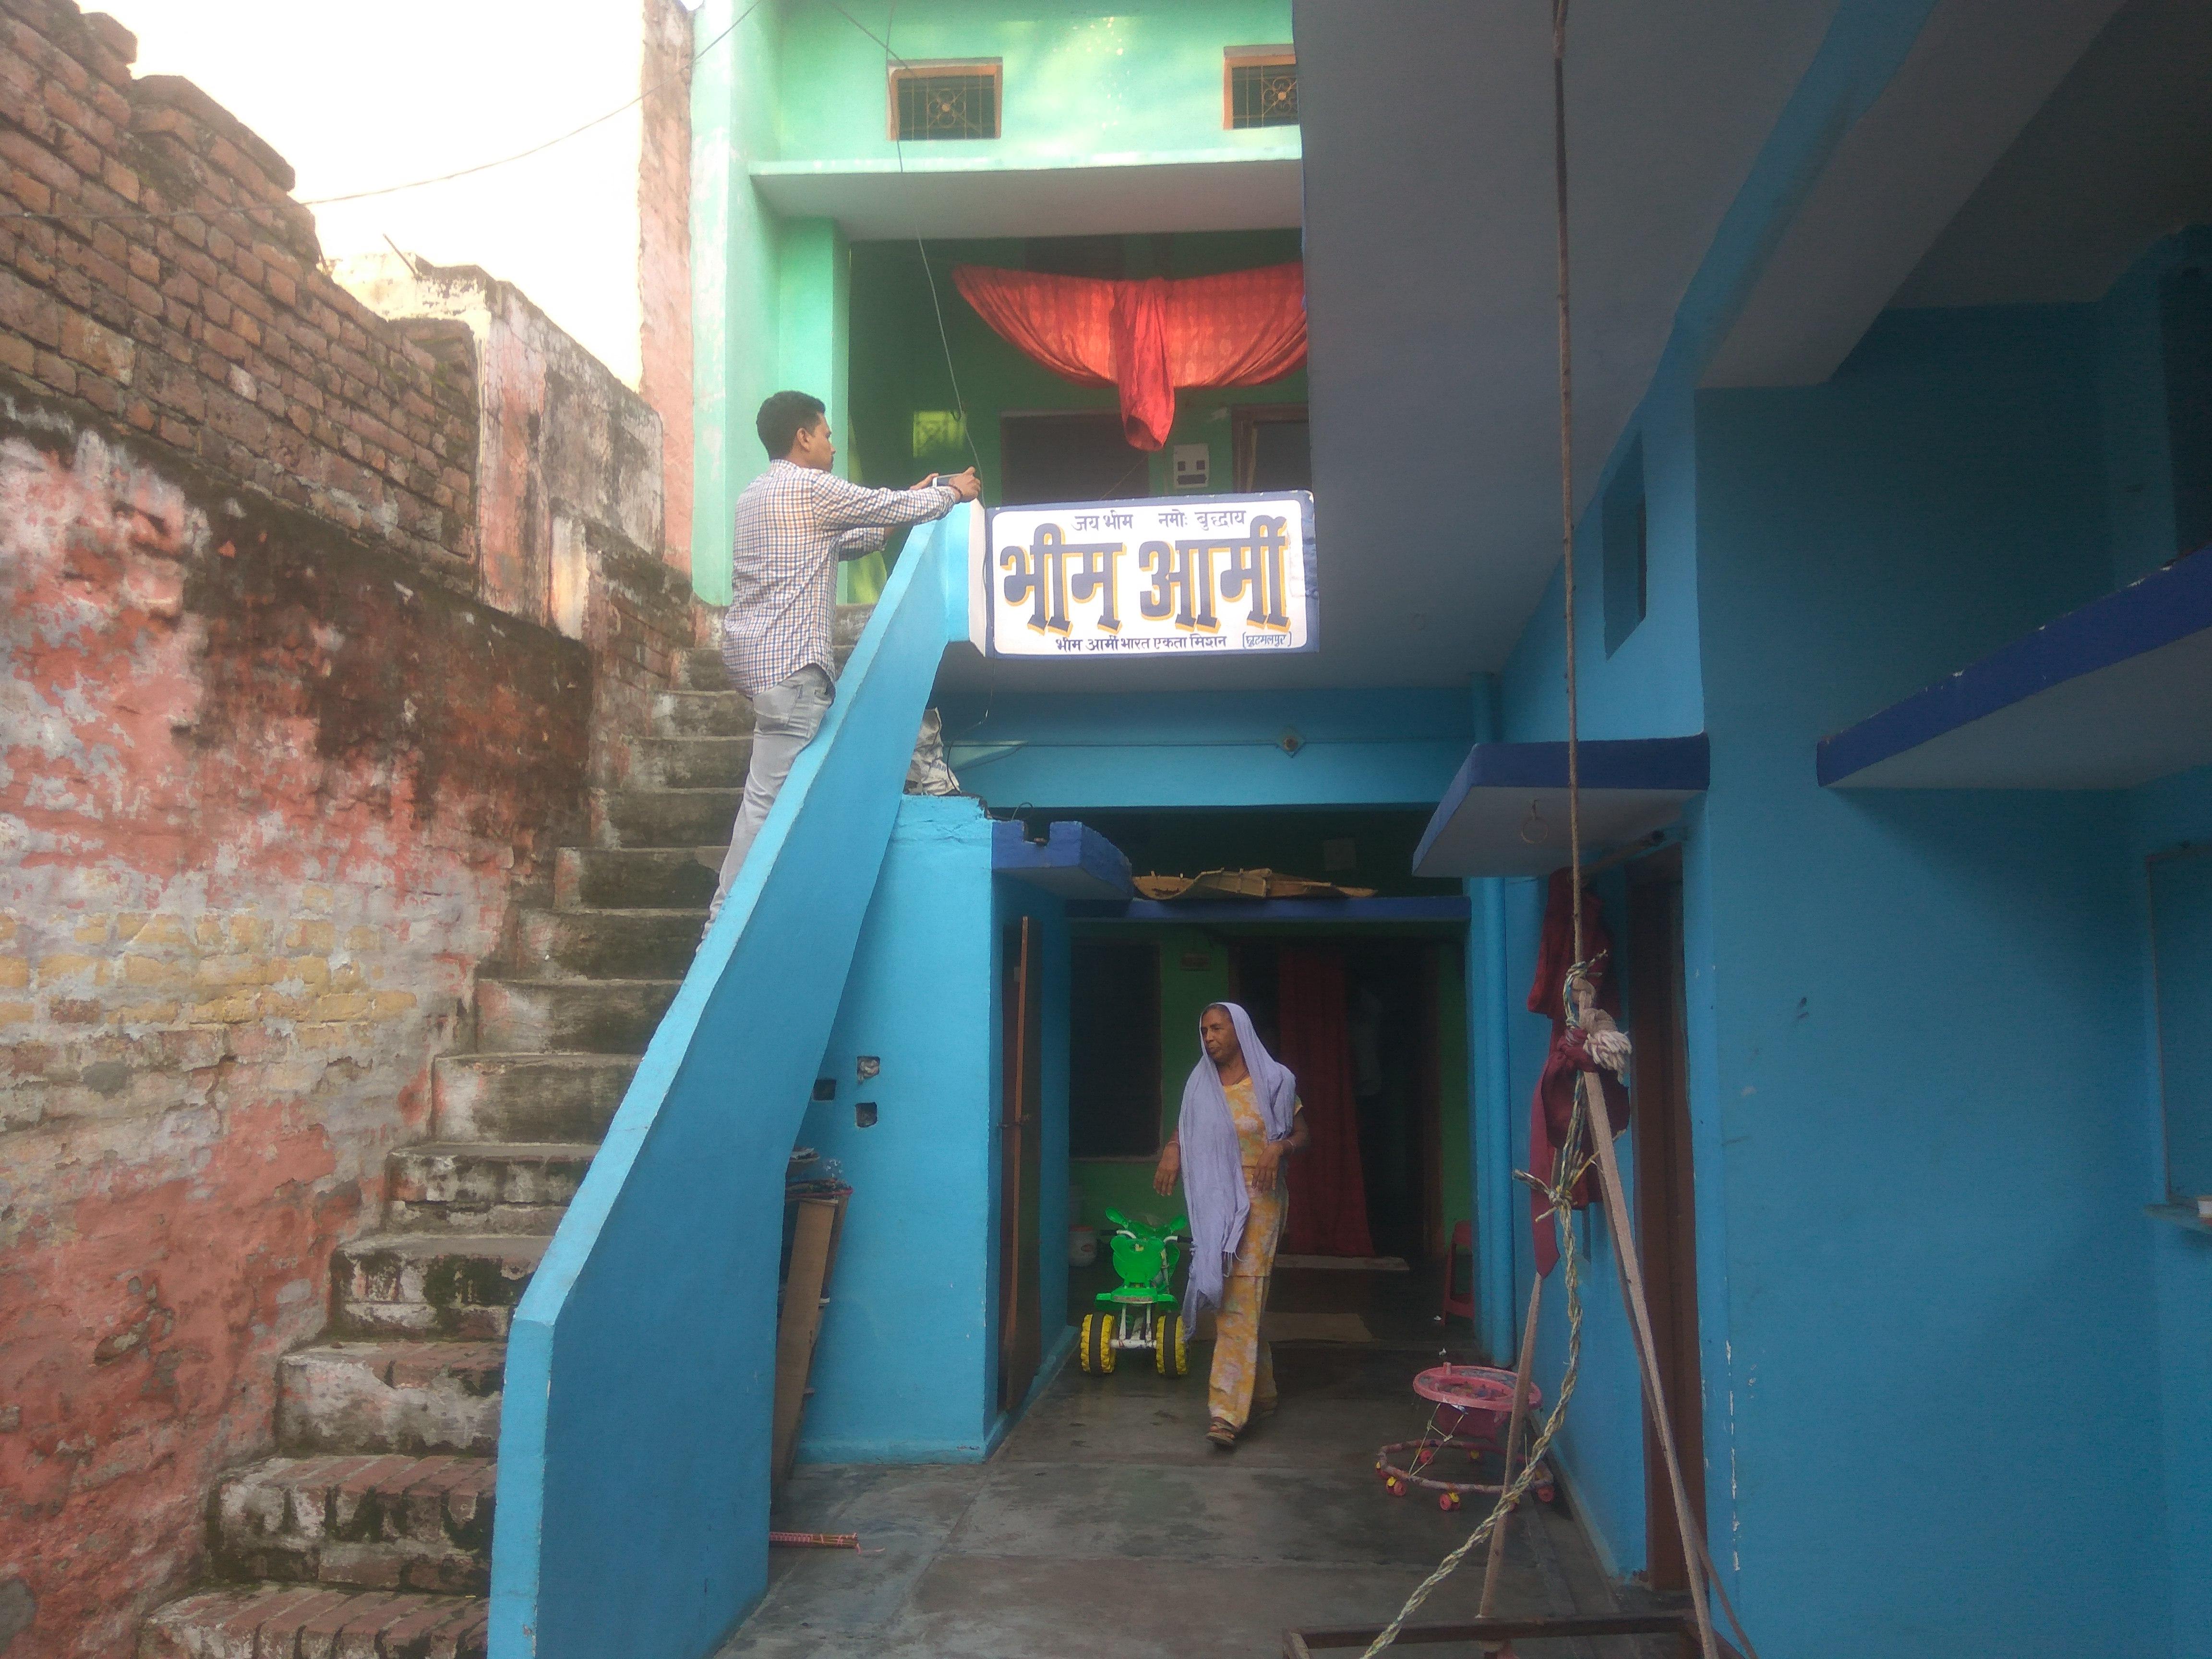 सहारनपुर के छुटमलपुर स्थित हरिजन बस्ती में चंद्रशेखर रावण का घर.